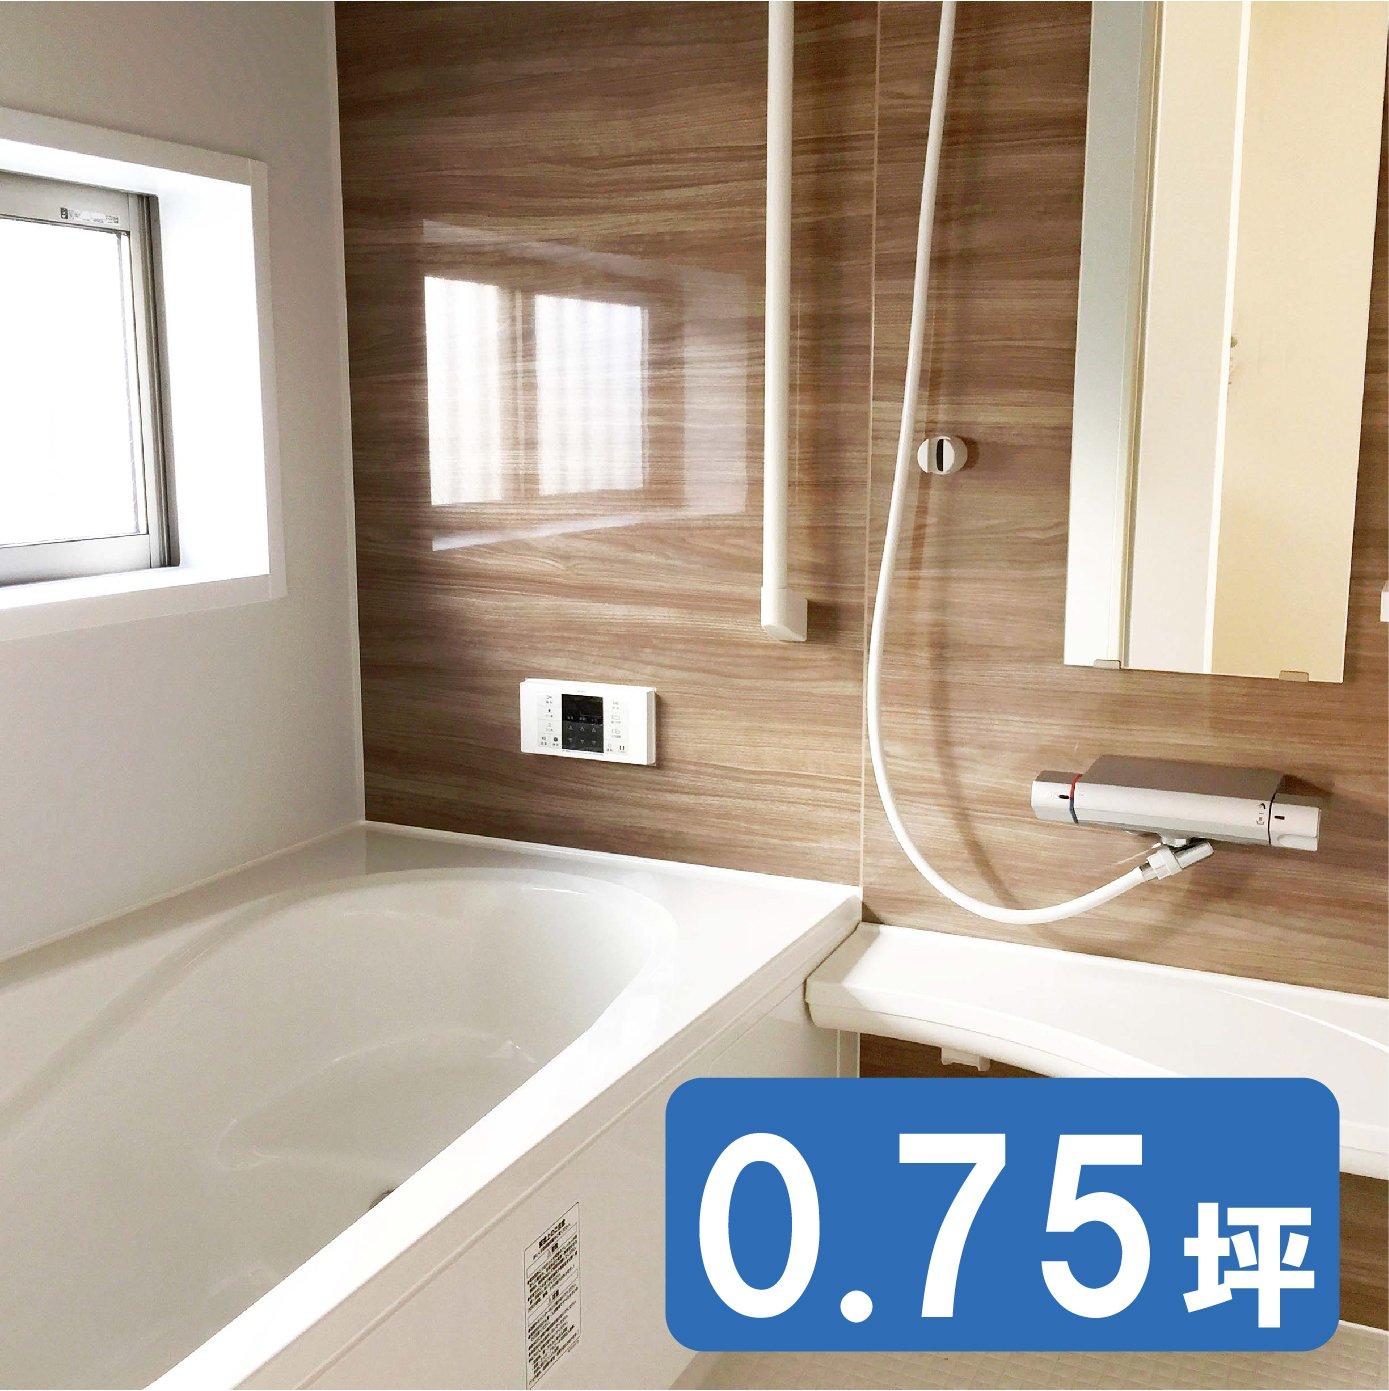 浴室クリーニング(0.75坪)のイメージその1